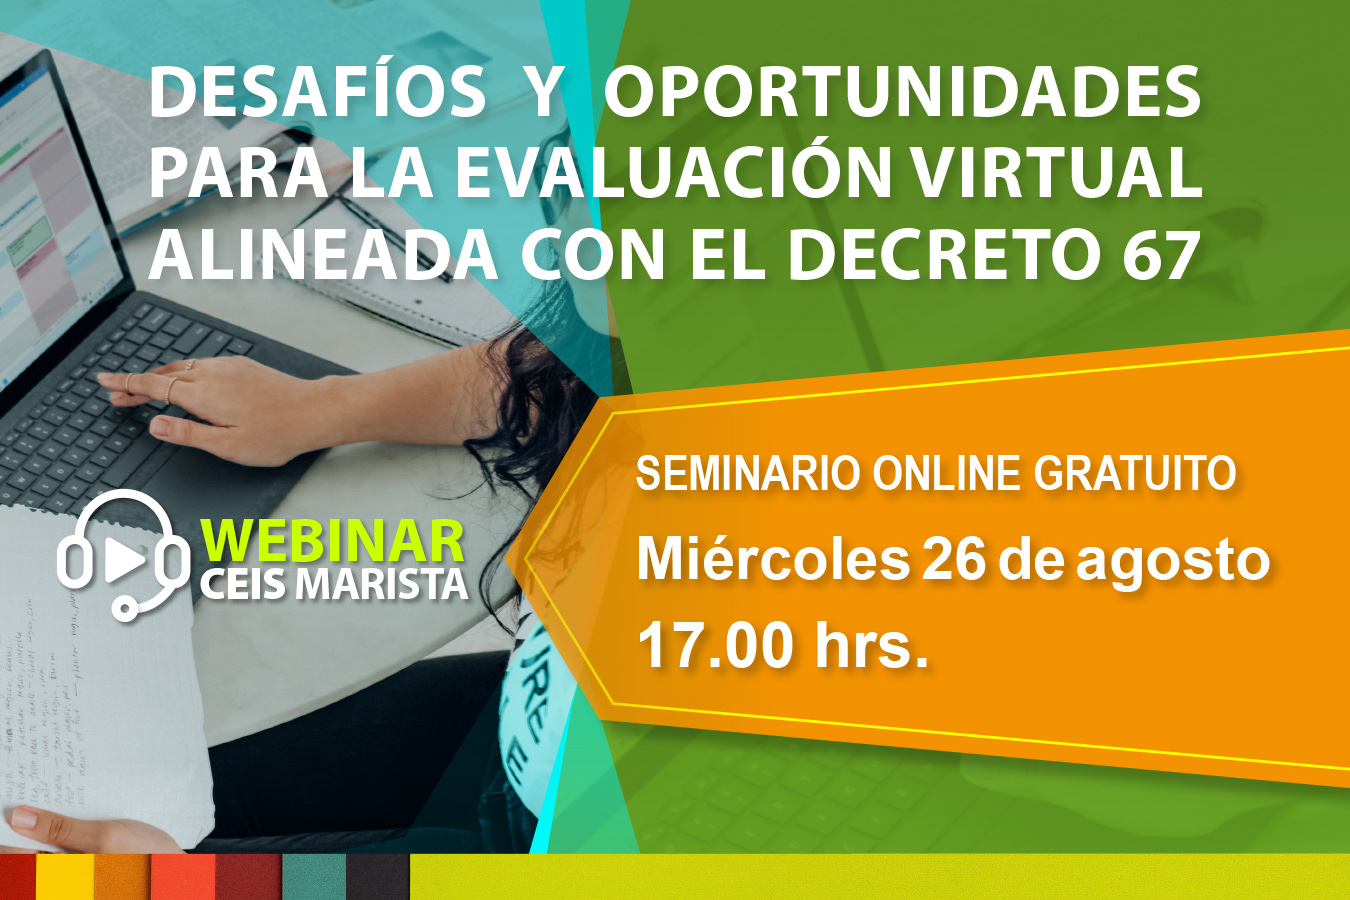 DESAFÍOS Y OPORTUNIDADES PARA LA EVALUACIÓN VIRTUAL ALINEADA CON EL DECRETO 67